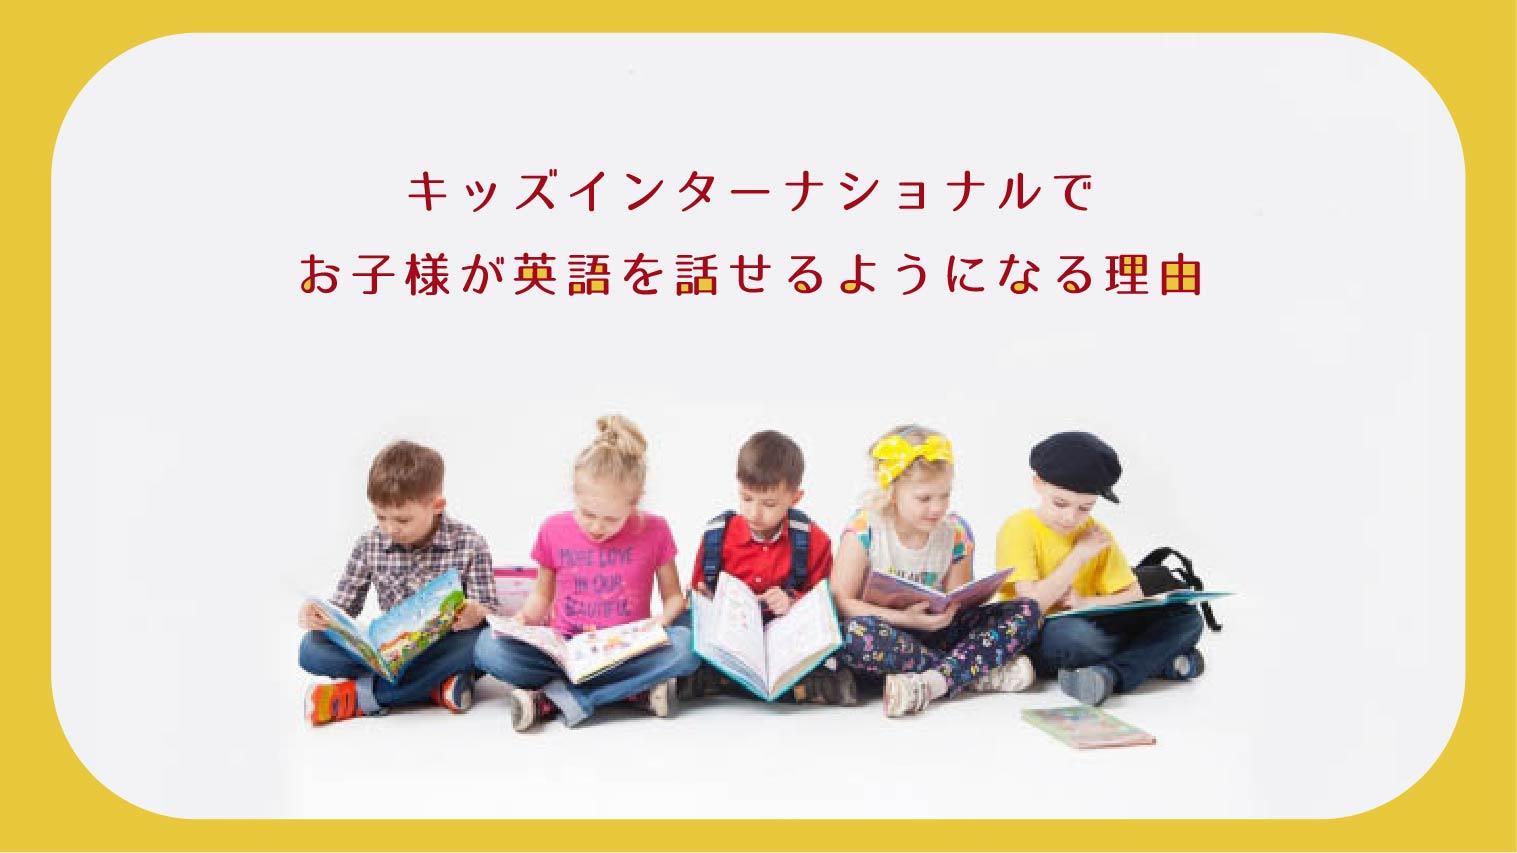 キッズインターナショナルでお子様が英語を話せるようになる理由